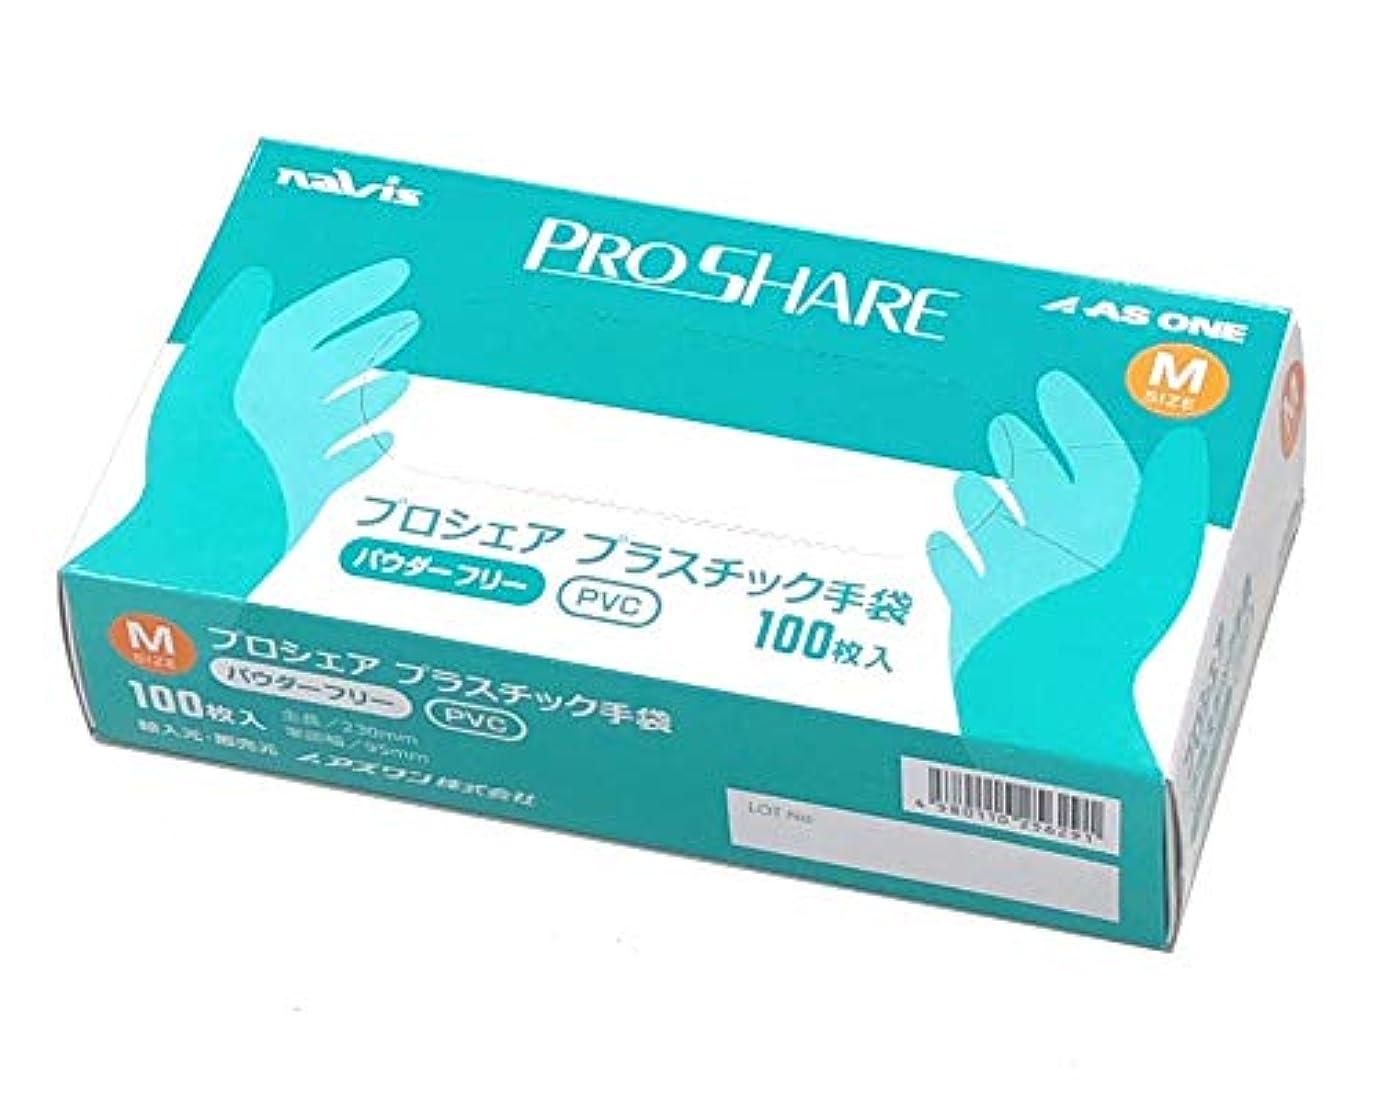 ボウル信じる安全ナビス プロシェア 使い捨て プラスチック手袋 パウダー無 M 1箱(100枚入) / 8-9569-02